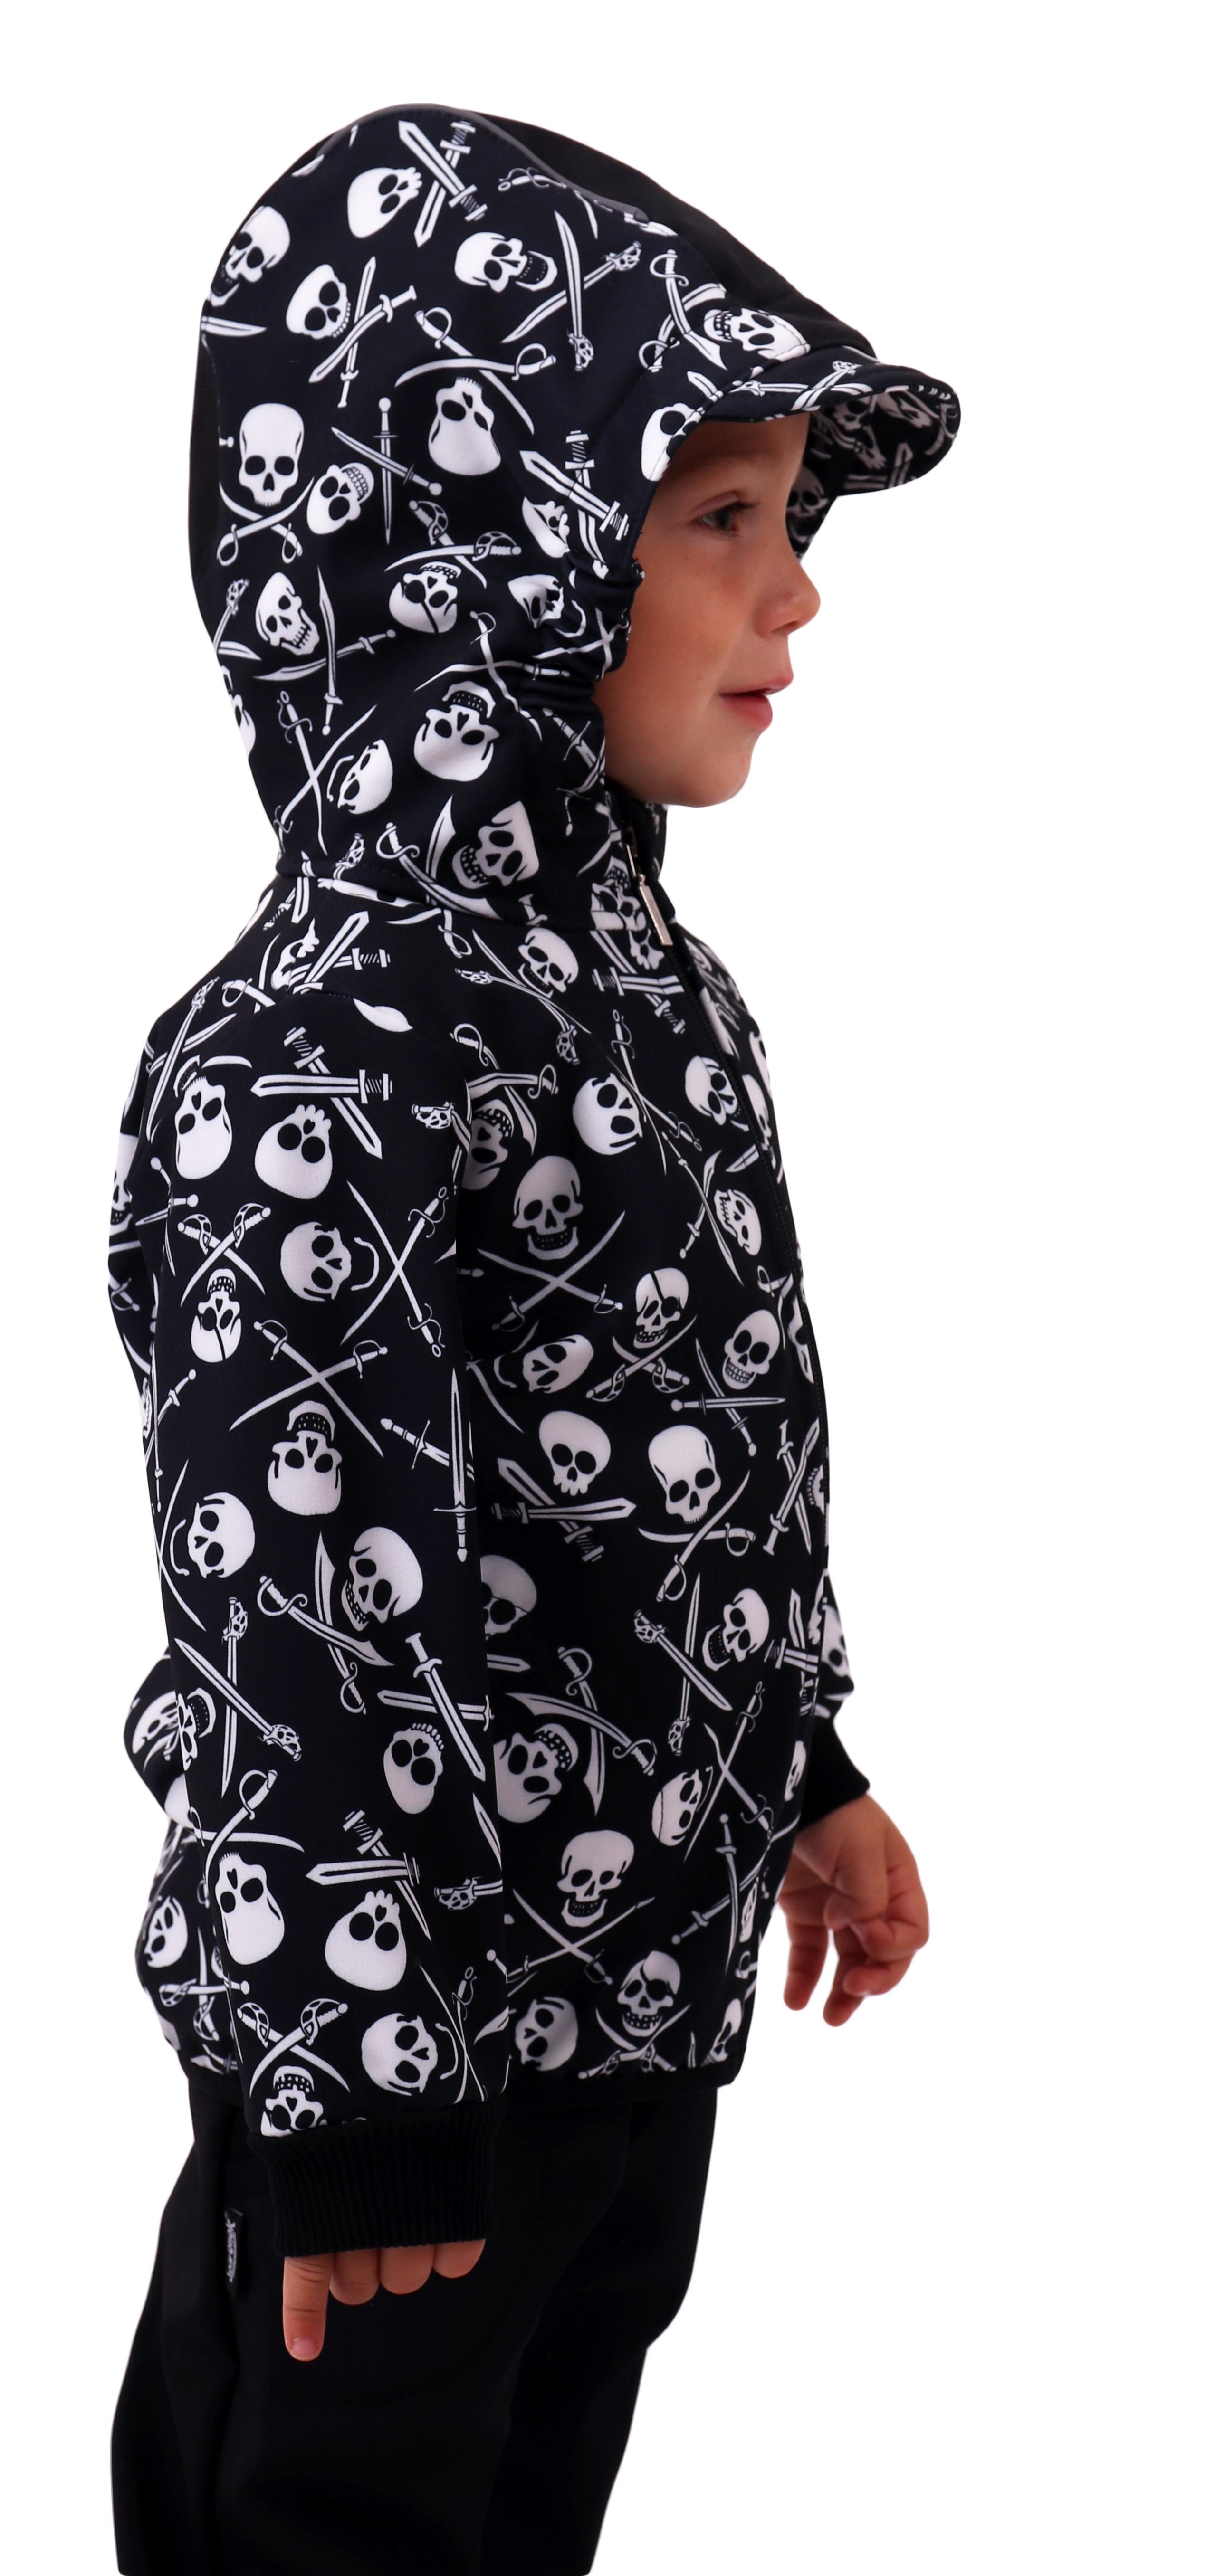 Dětská softshellová bunda, pirátské lebky, Kolekce 2020